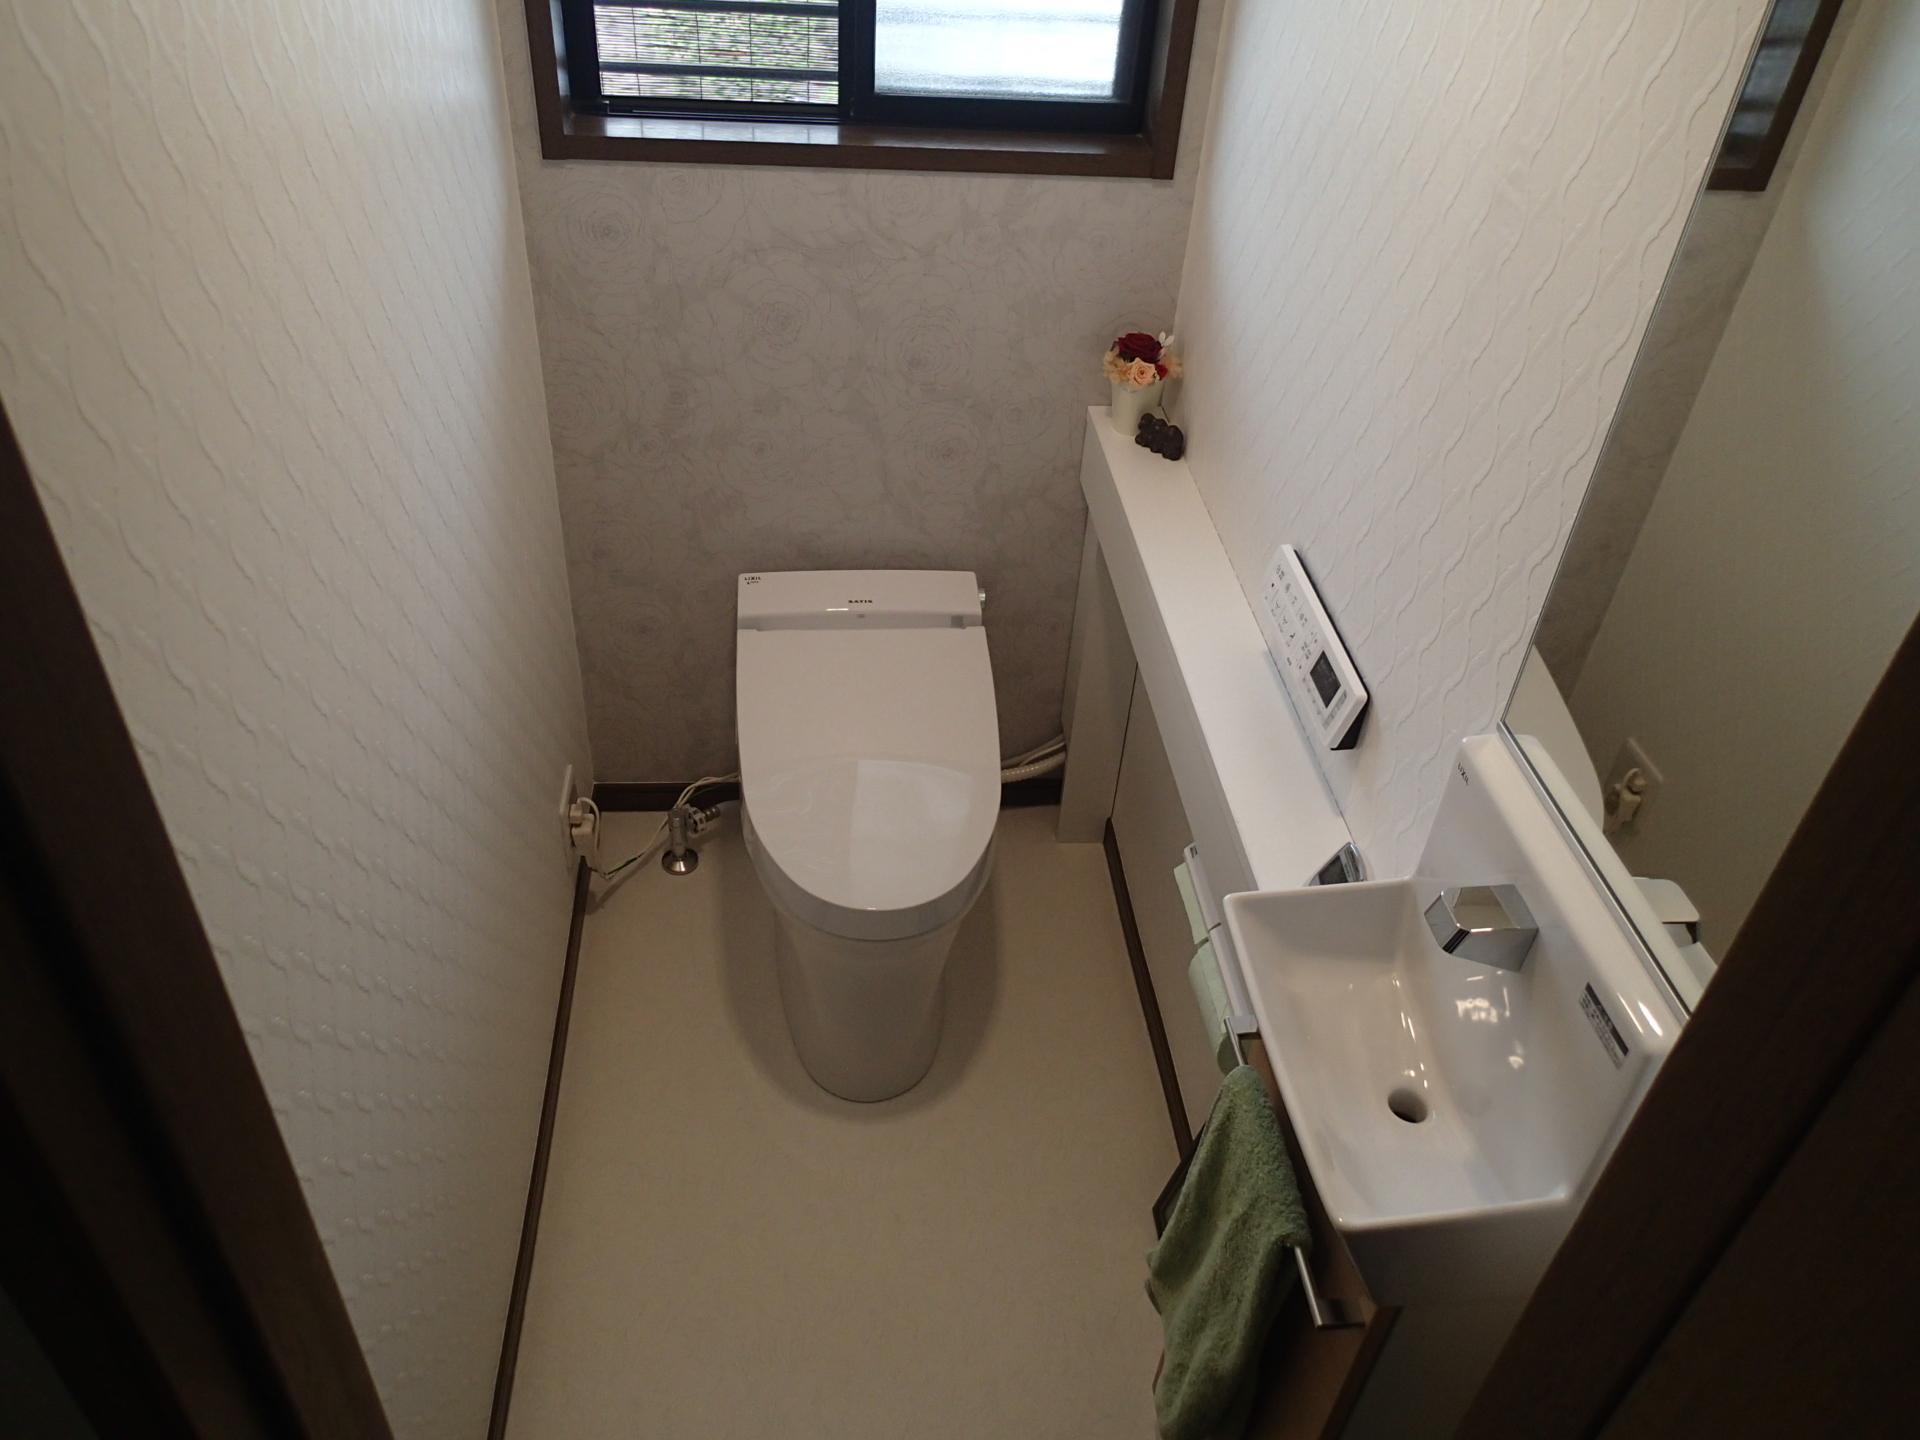 明るく爽やかなトイレ空間となりました。